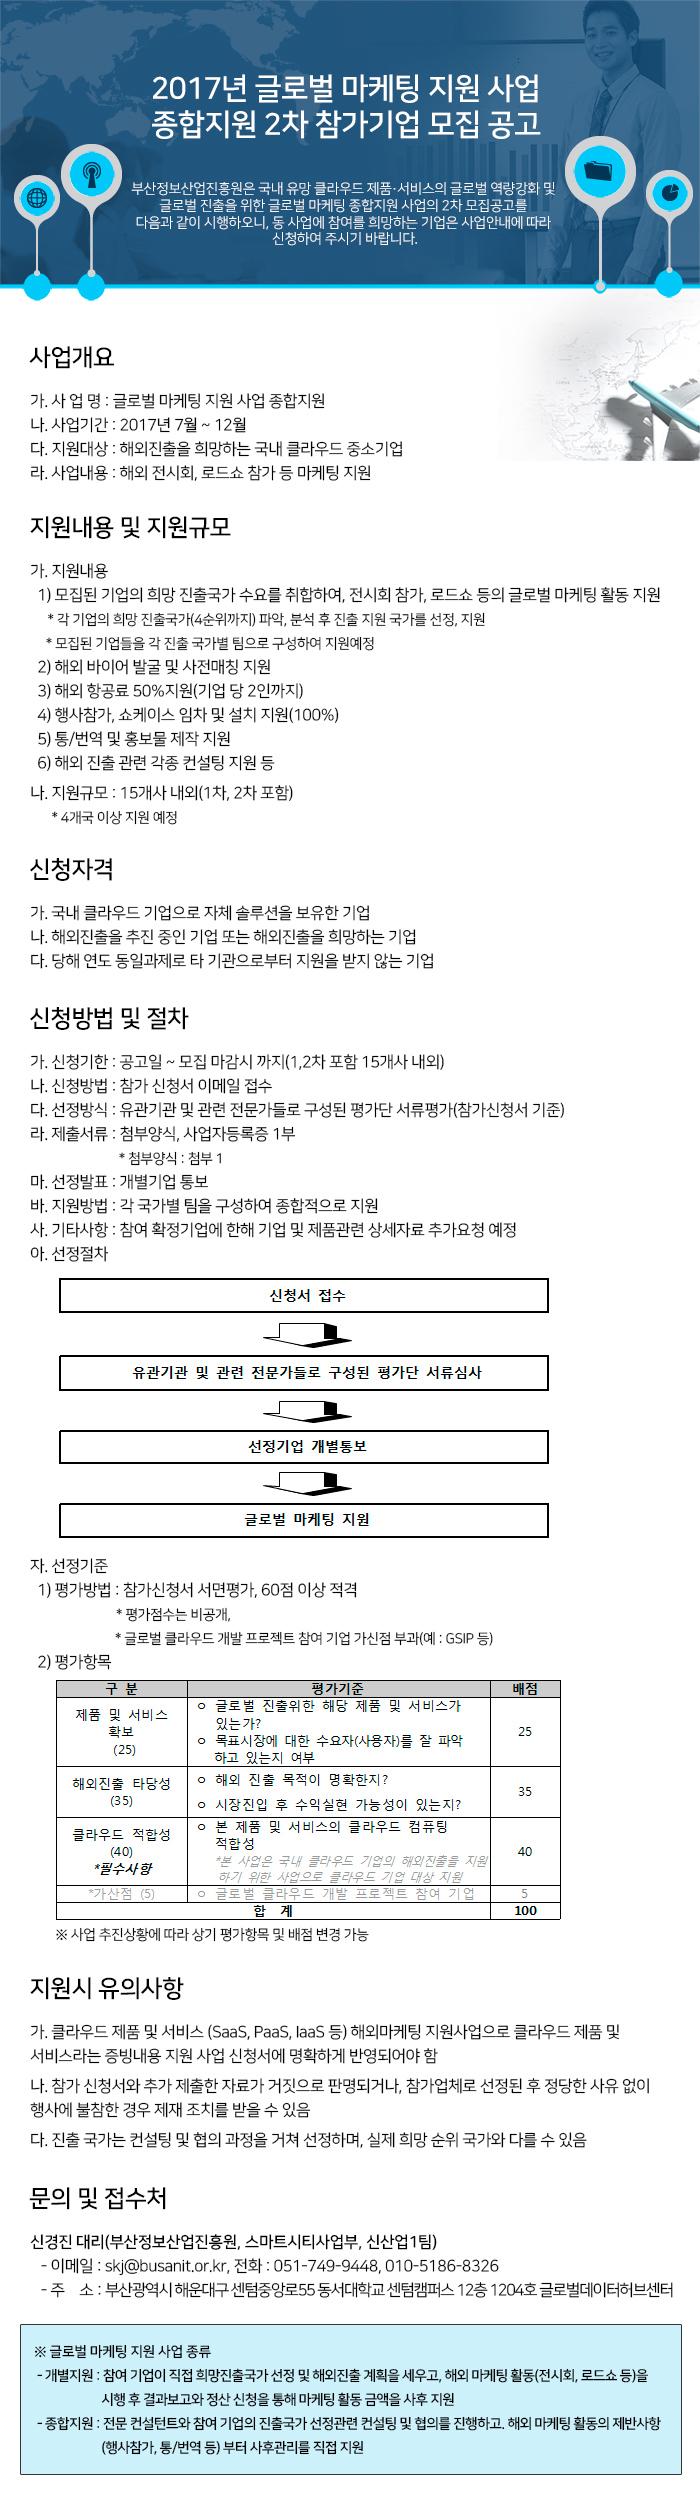 2017년 글로벌 마케팅 지원 사업 종합지원 2차 참가기업 모집 공고